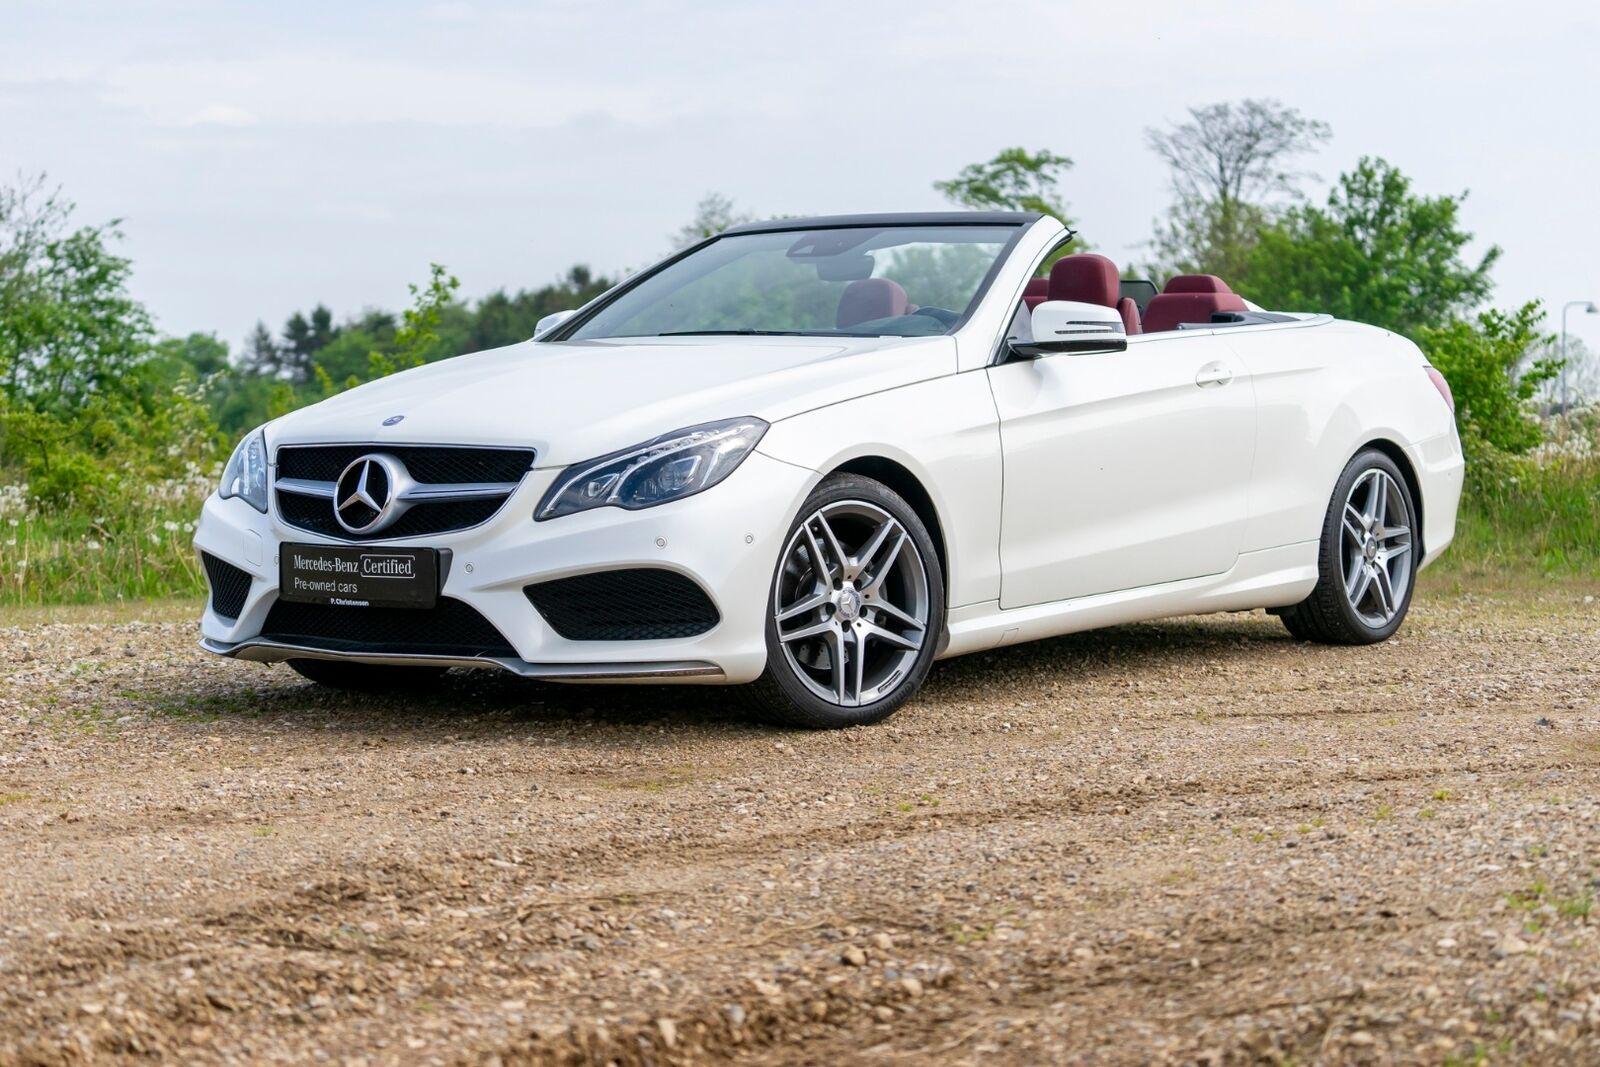 Mercedes E350 3,0 BlueTEC AMG Line Cabriolet aut 2d - 12.196 kr.